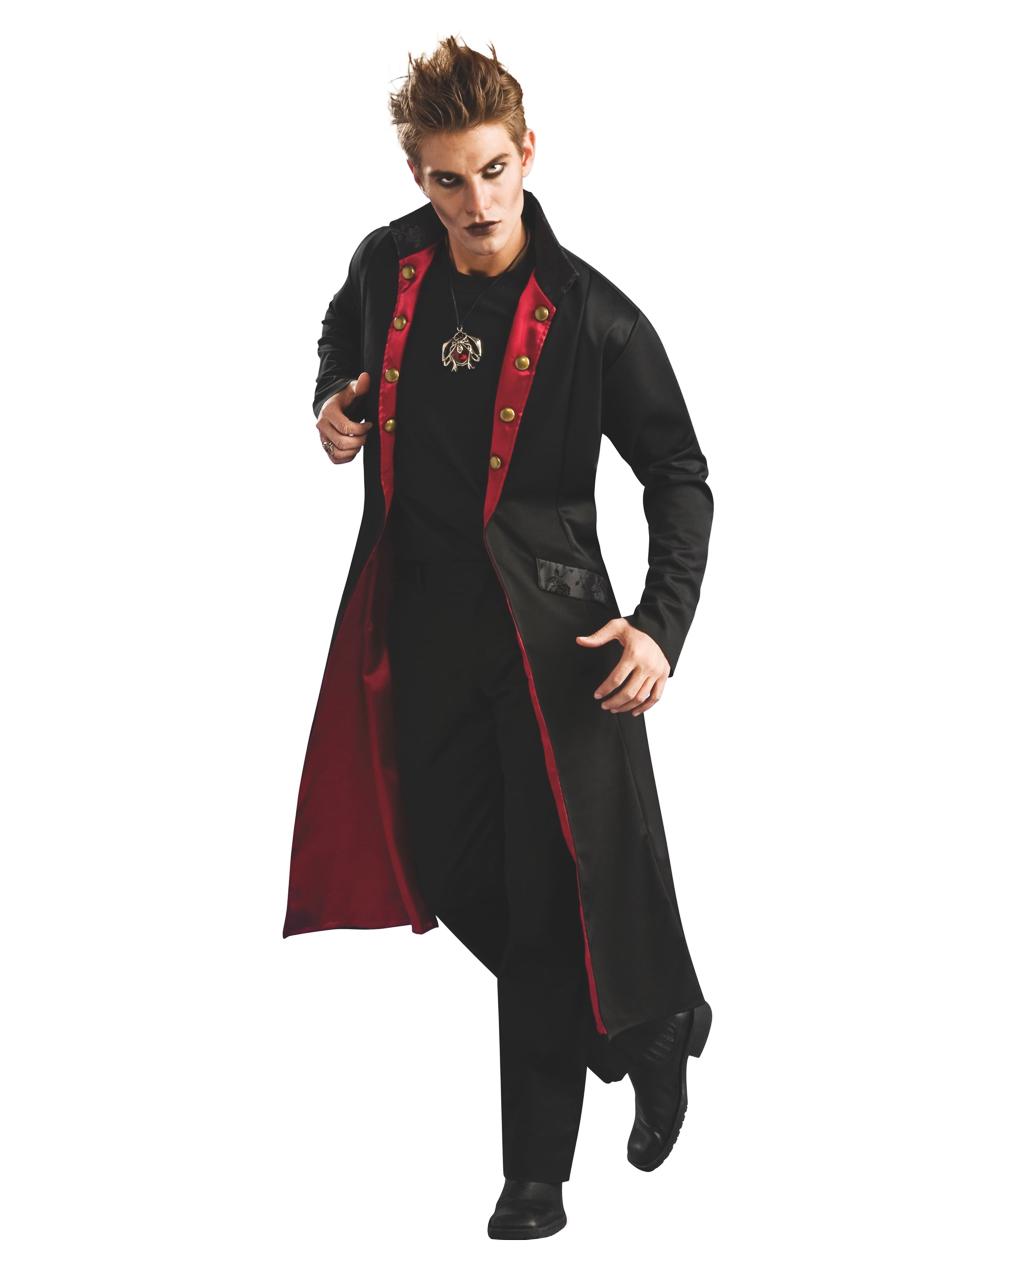 Mantel Schwarzer Vampir Mantel Schwarzer Vampir Mantel Schwarzer Mantel Schwarzer Vampir Vampir Schwarzer LSARcj435q